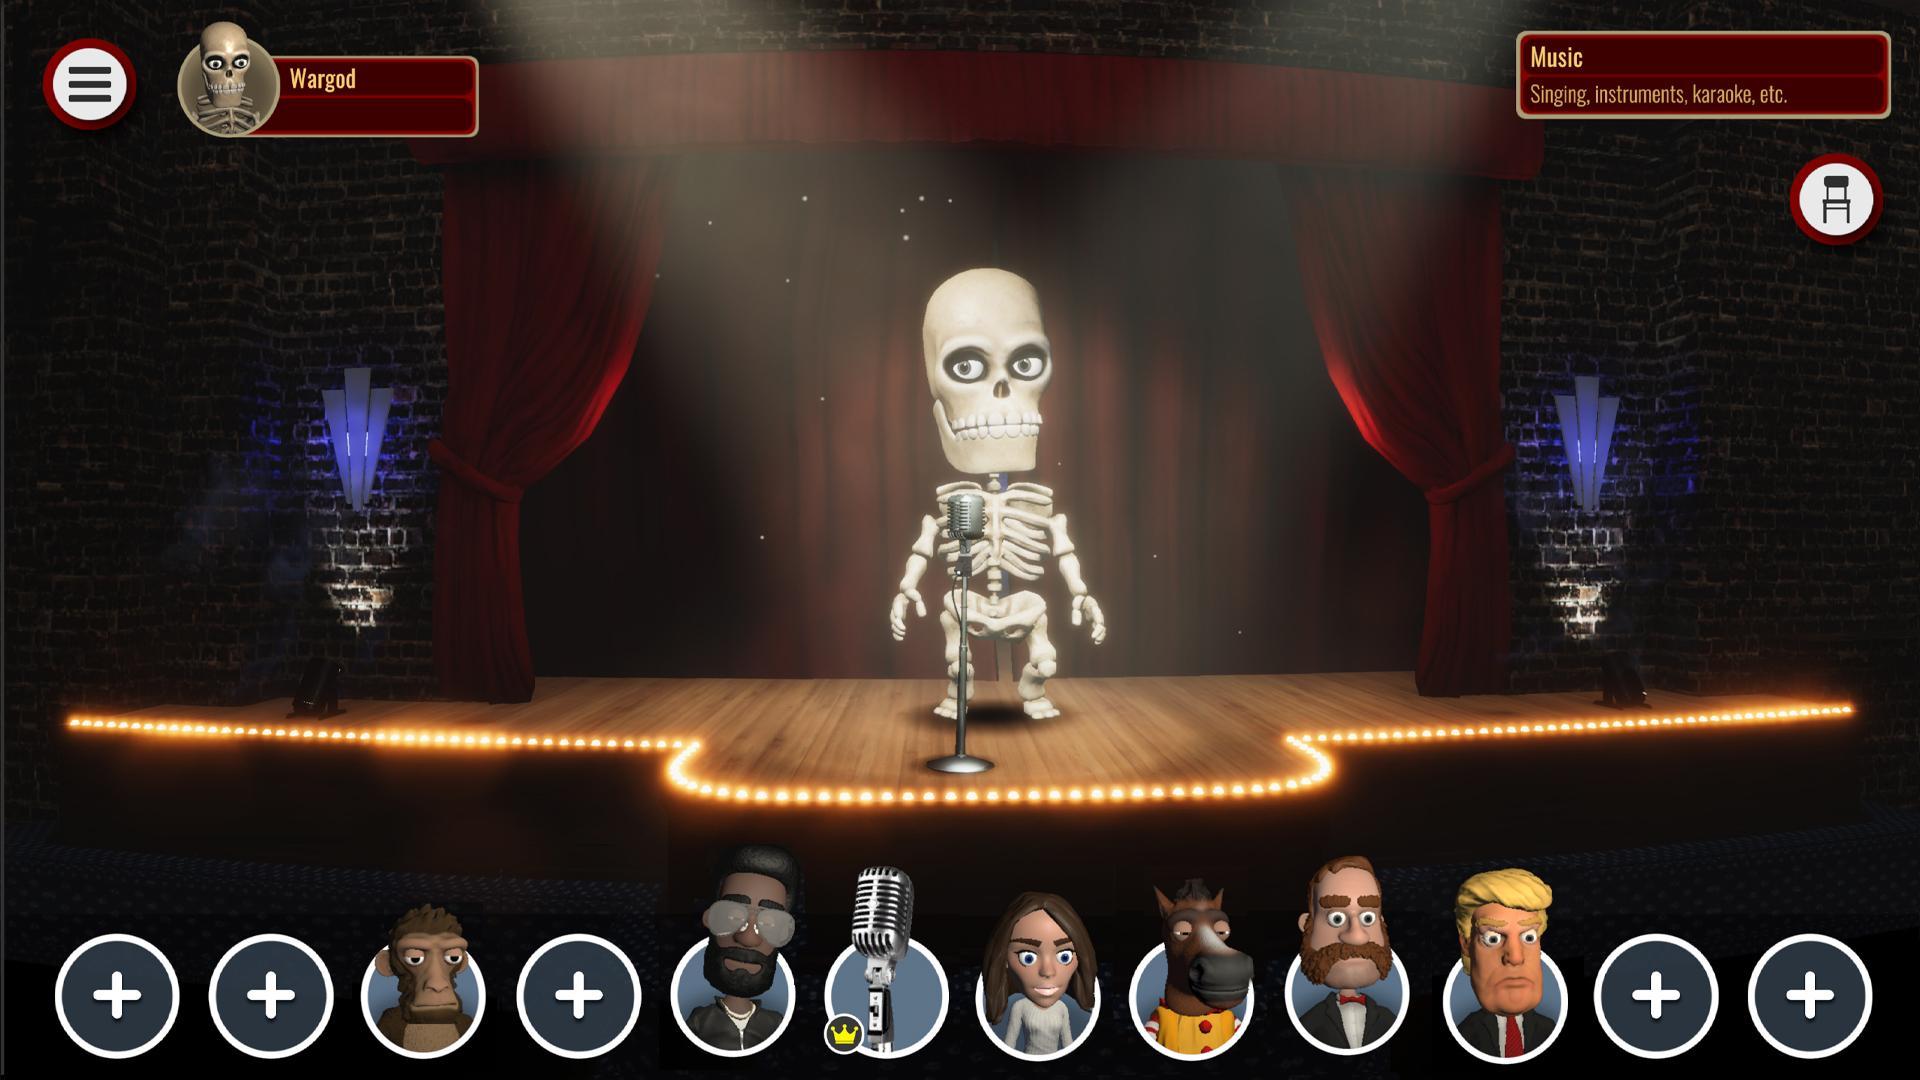 Comedy Night - The Game captura de tela 1